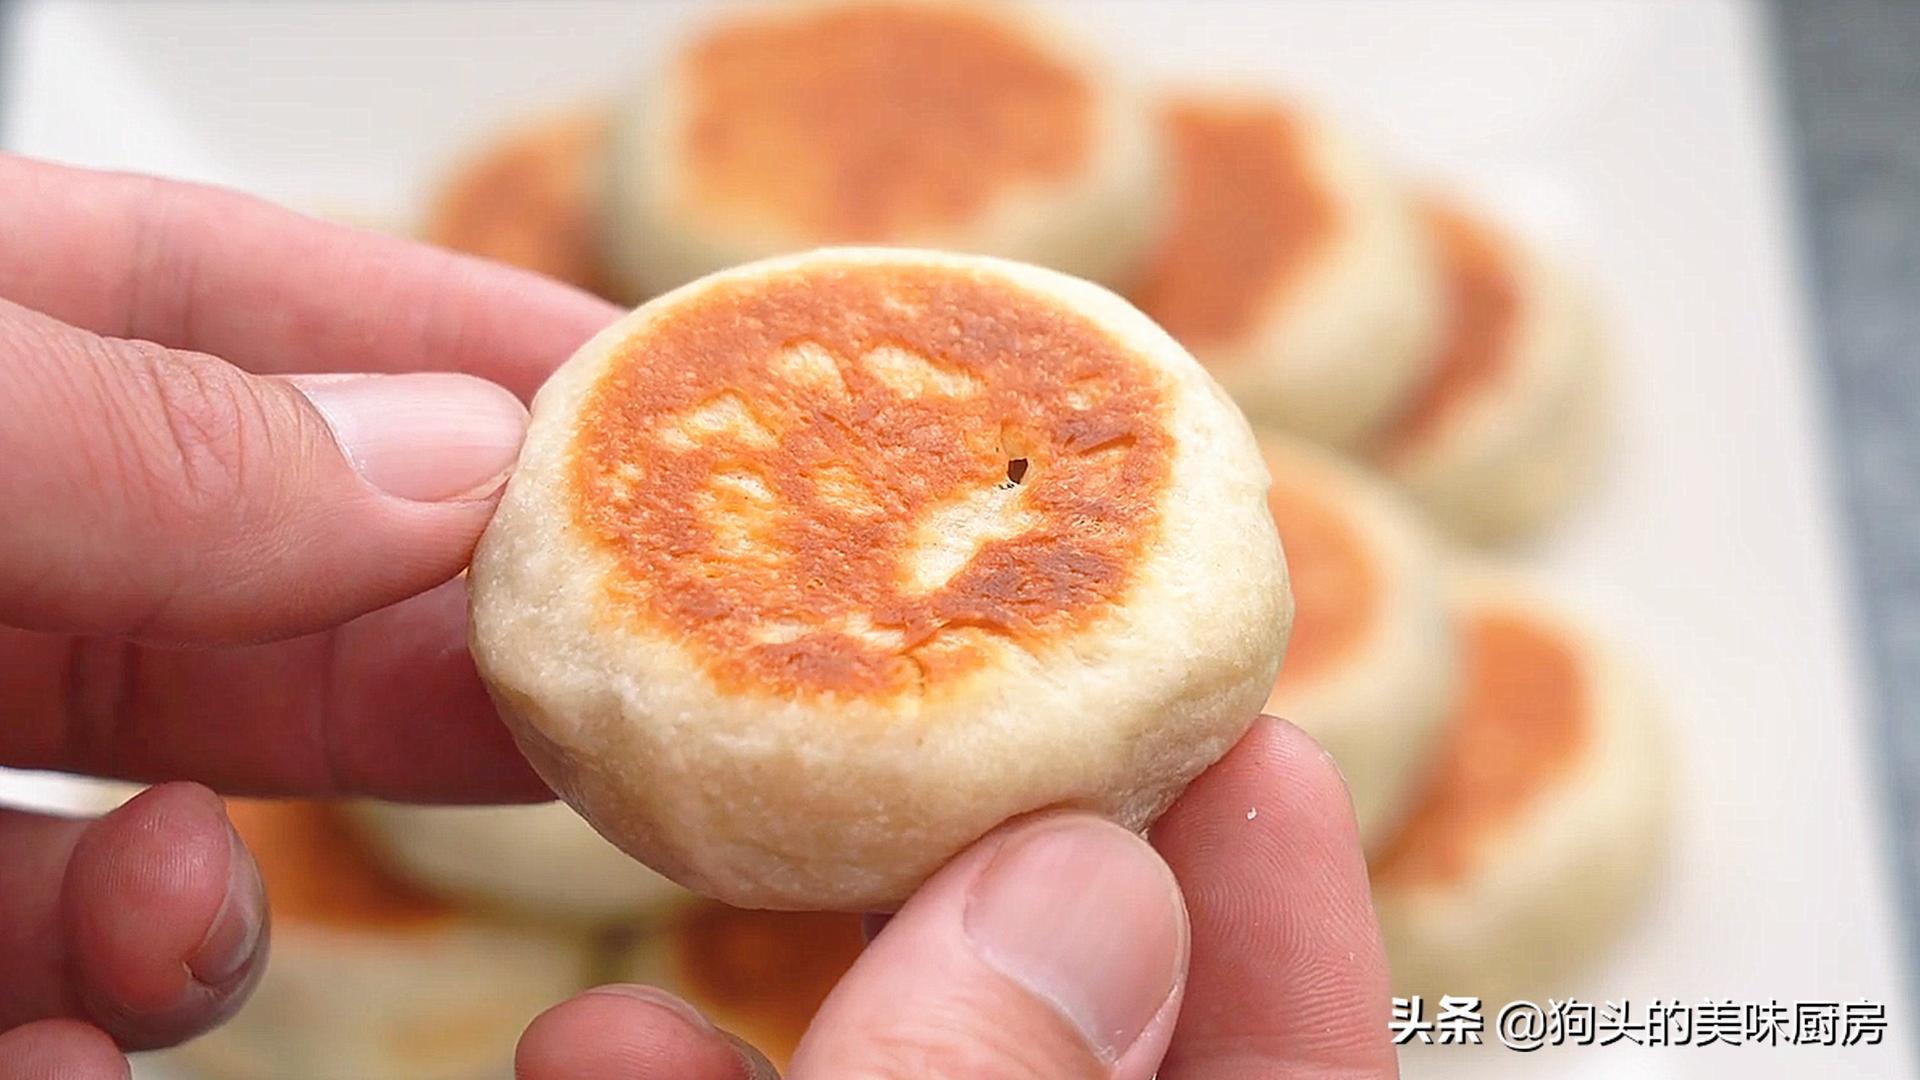 不做酥皮不用烤箱就能做的绿豆饼,清甜不油腻,比外面买的还好吃 美食做法 第2张